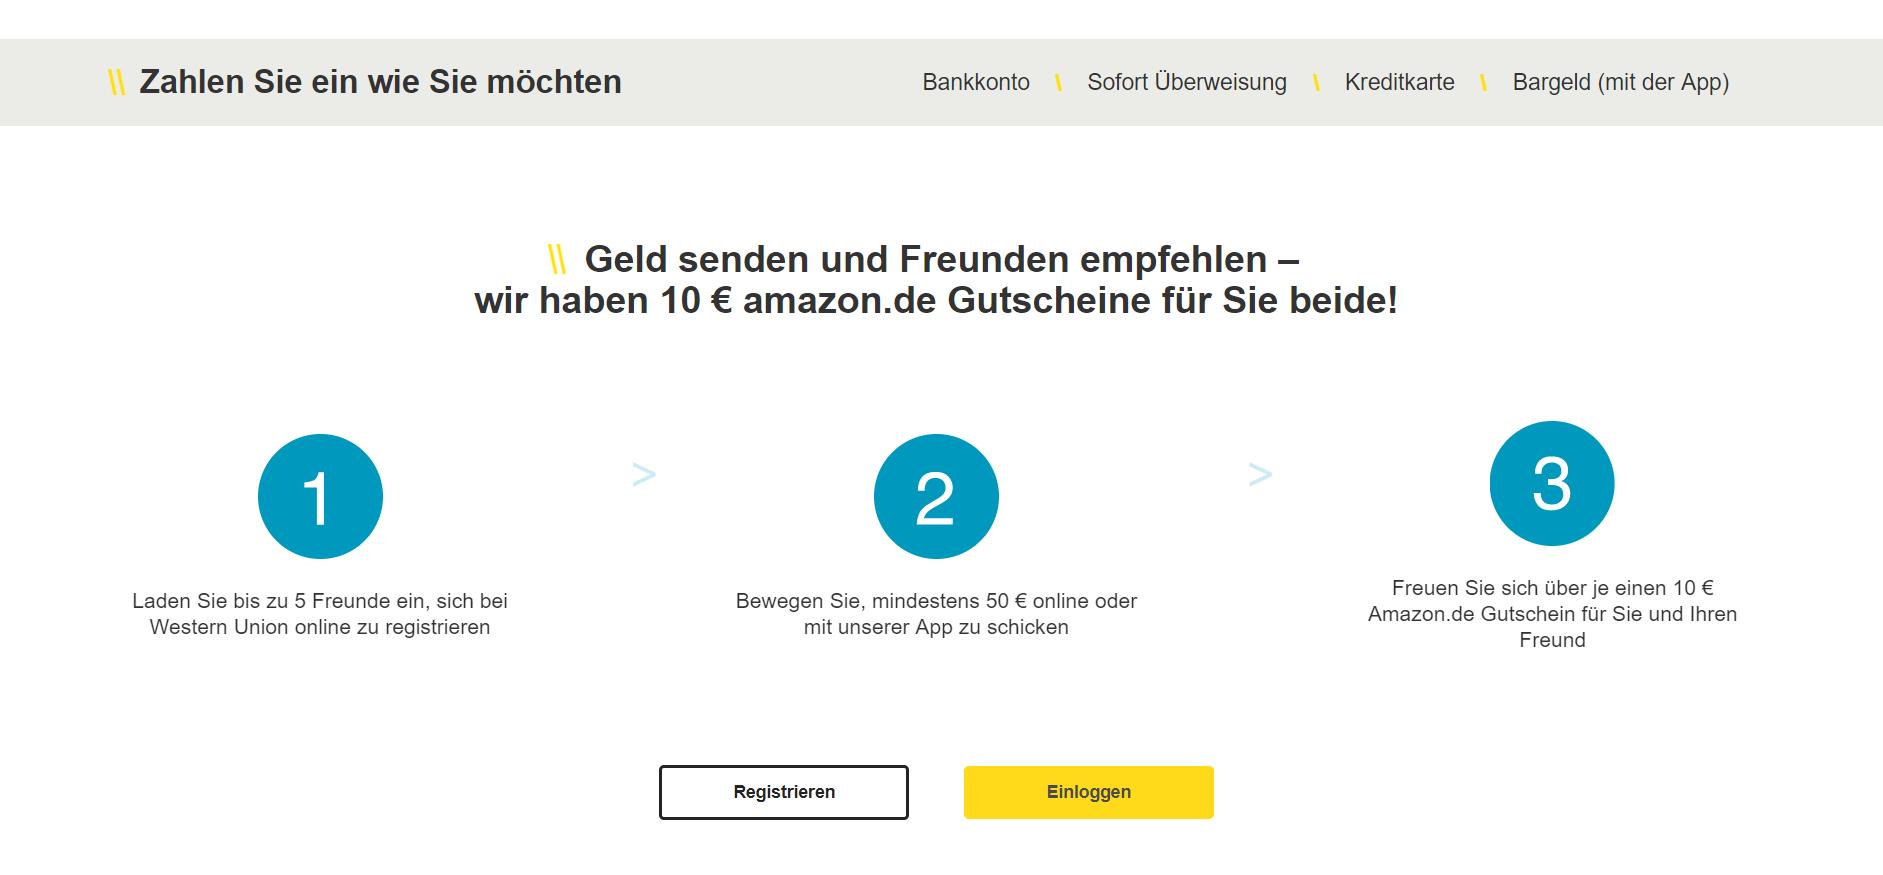 Western Union bietet verschiedene Zahlungsmöglichkeiten an